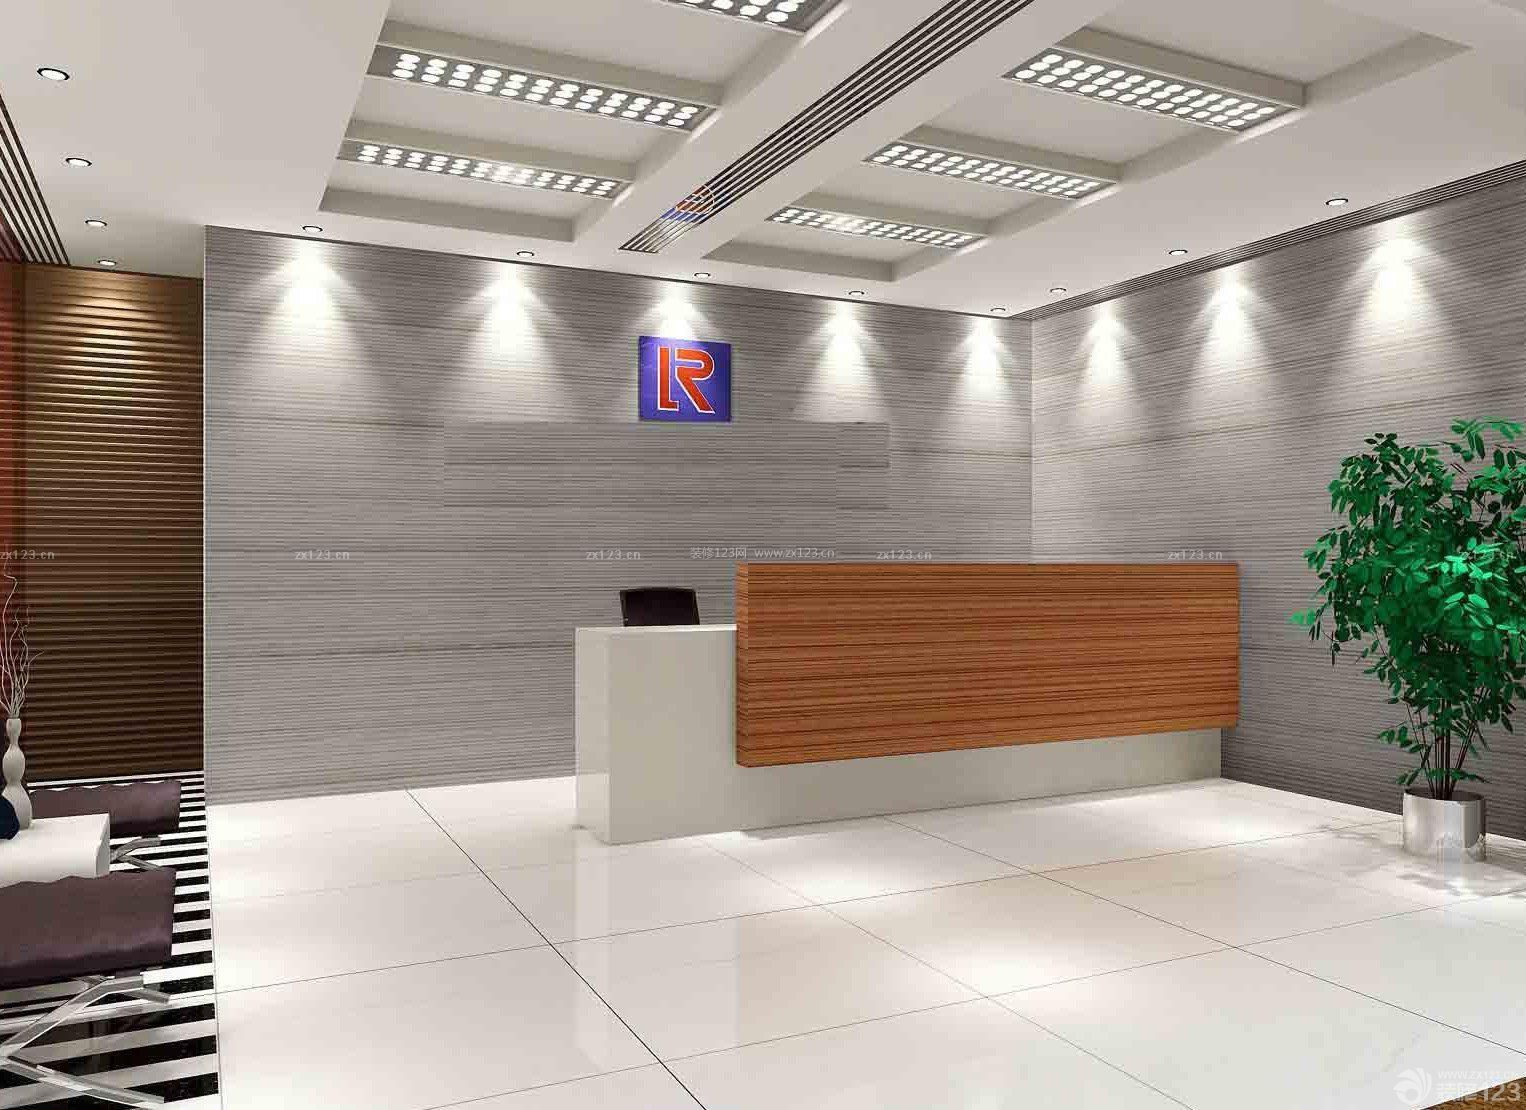 现代公司前台形象墙设计装修效果图图集图片